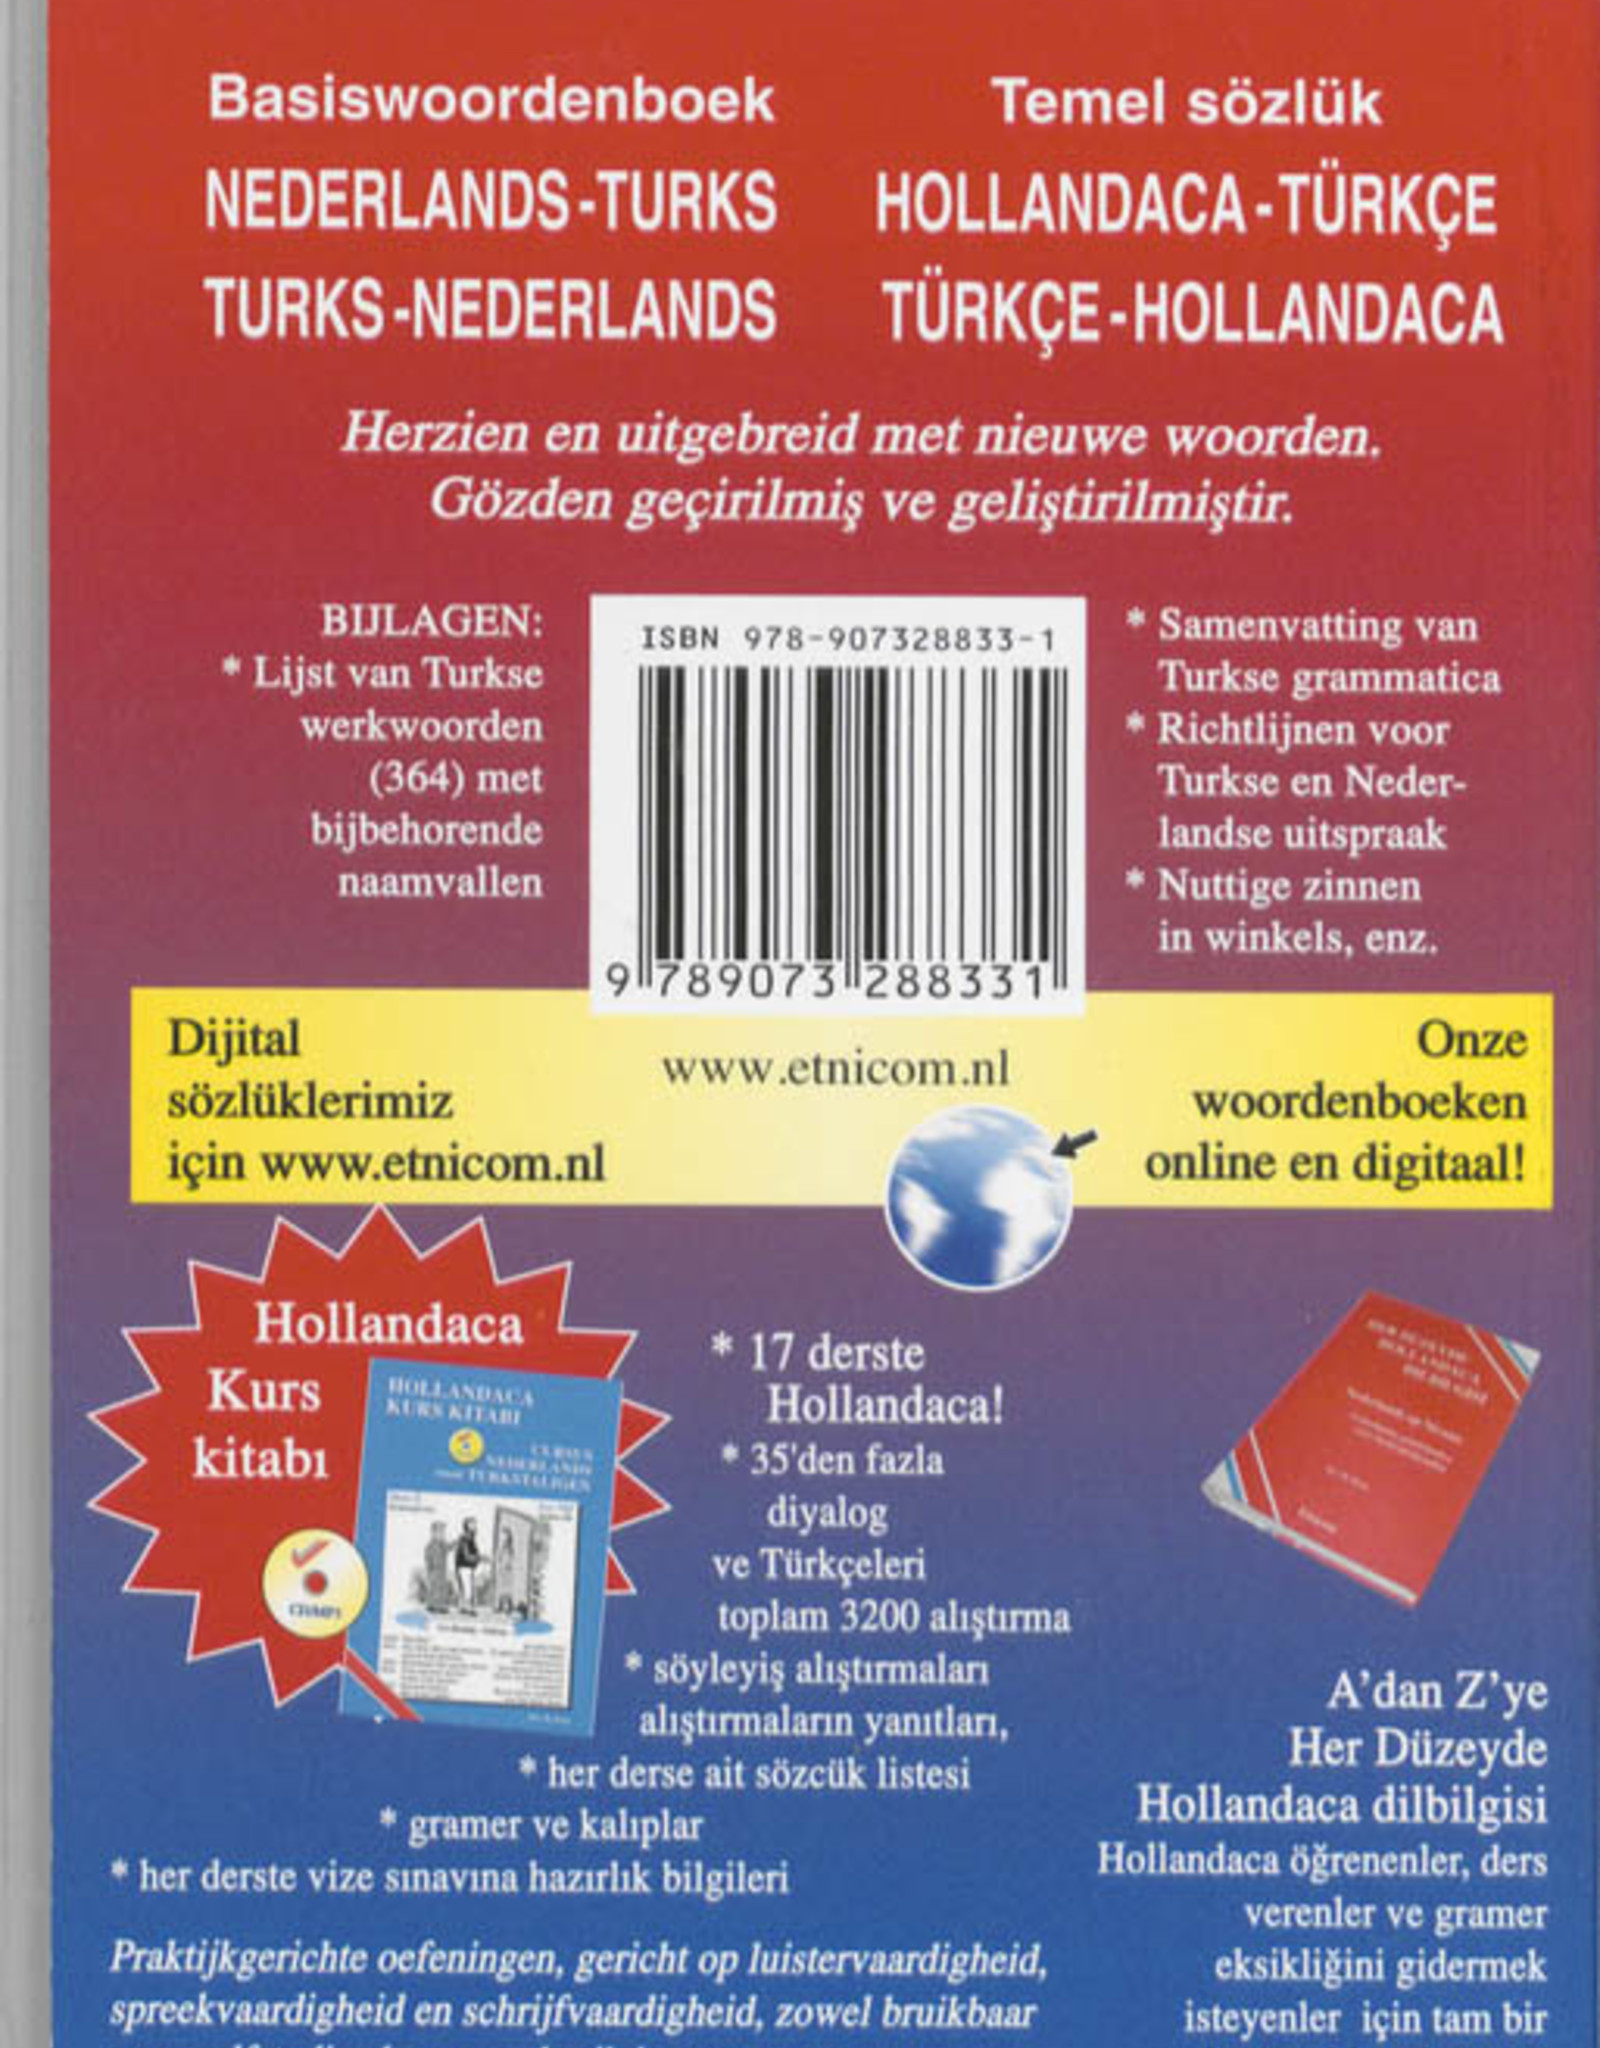 Basiswoordenboek Nederlands - Turks en Turks - Nederlands